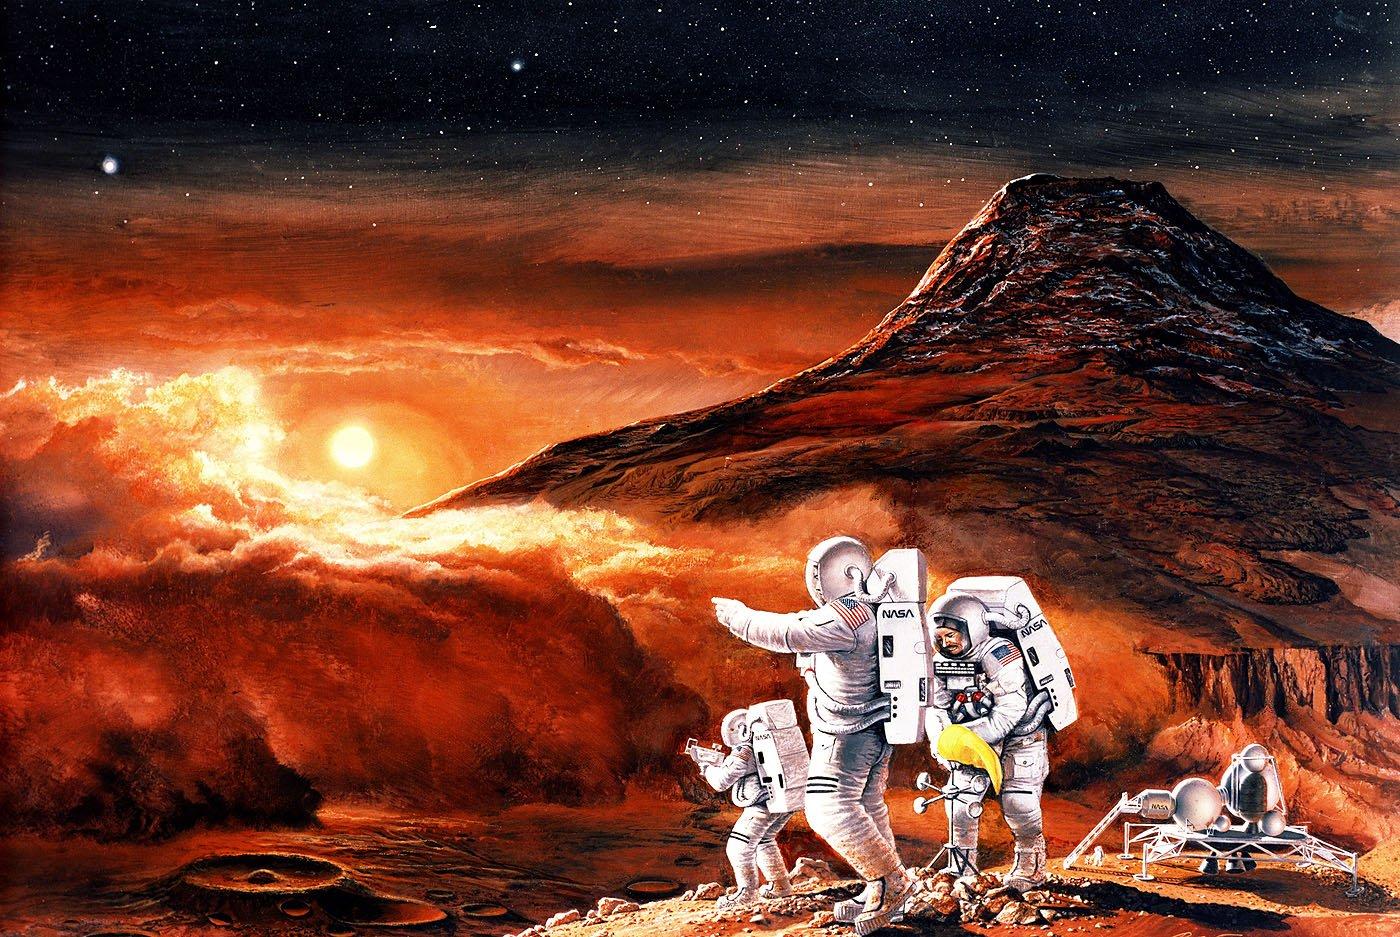 ВNASA поведали, когда человек полетит наМарс